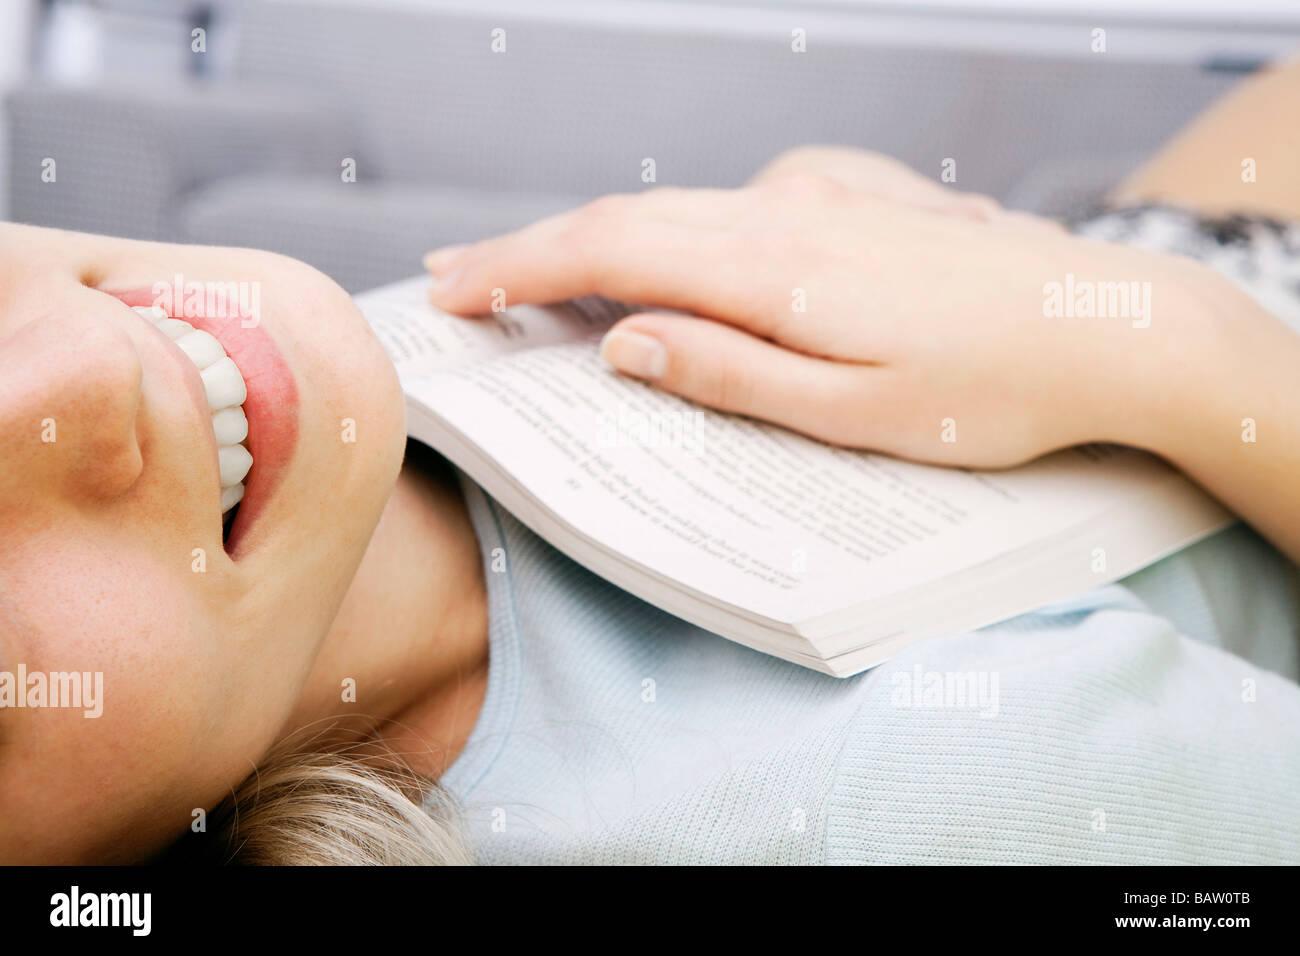 Detail der jungen Frau auf Rücken liegend mit Buch Stockbild